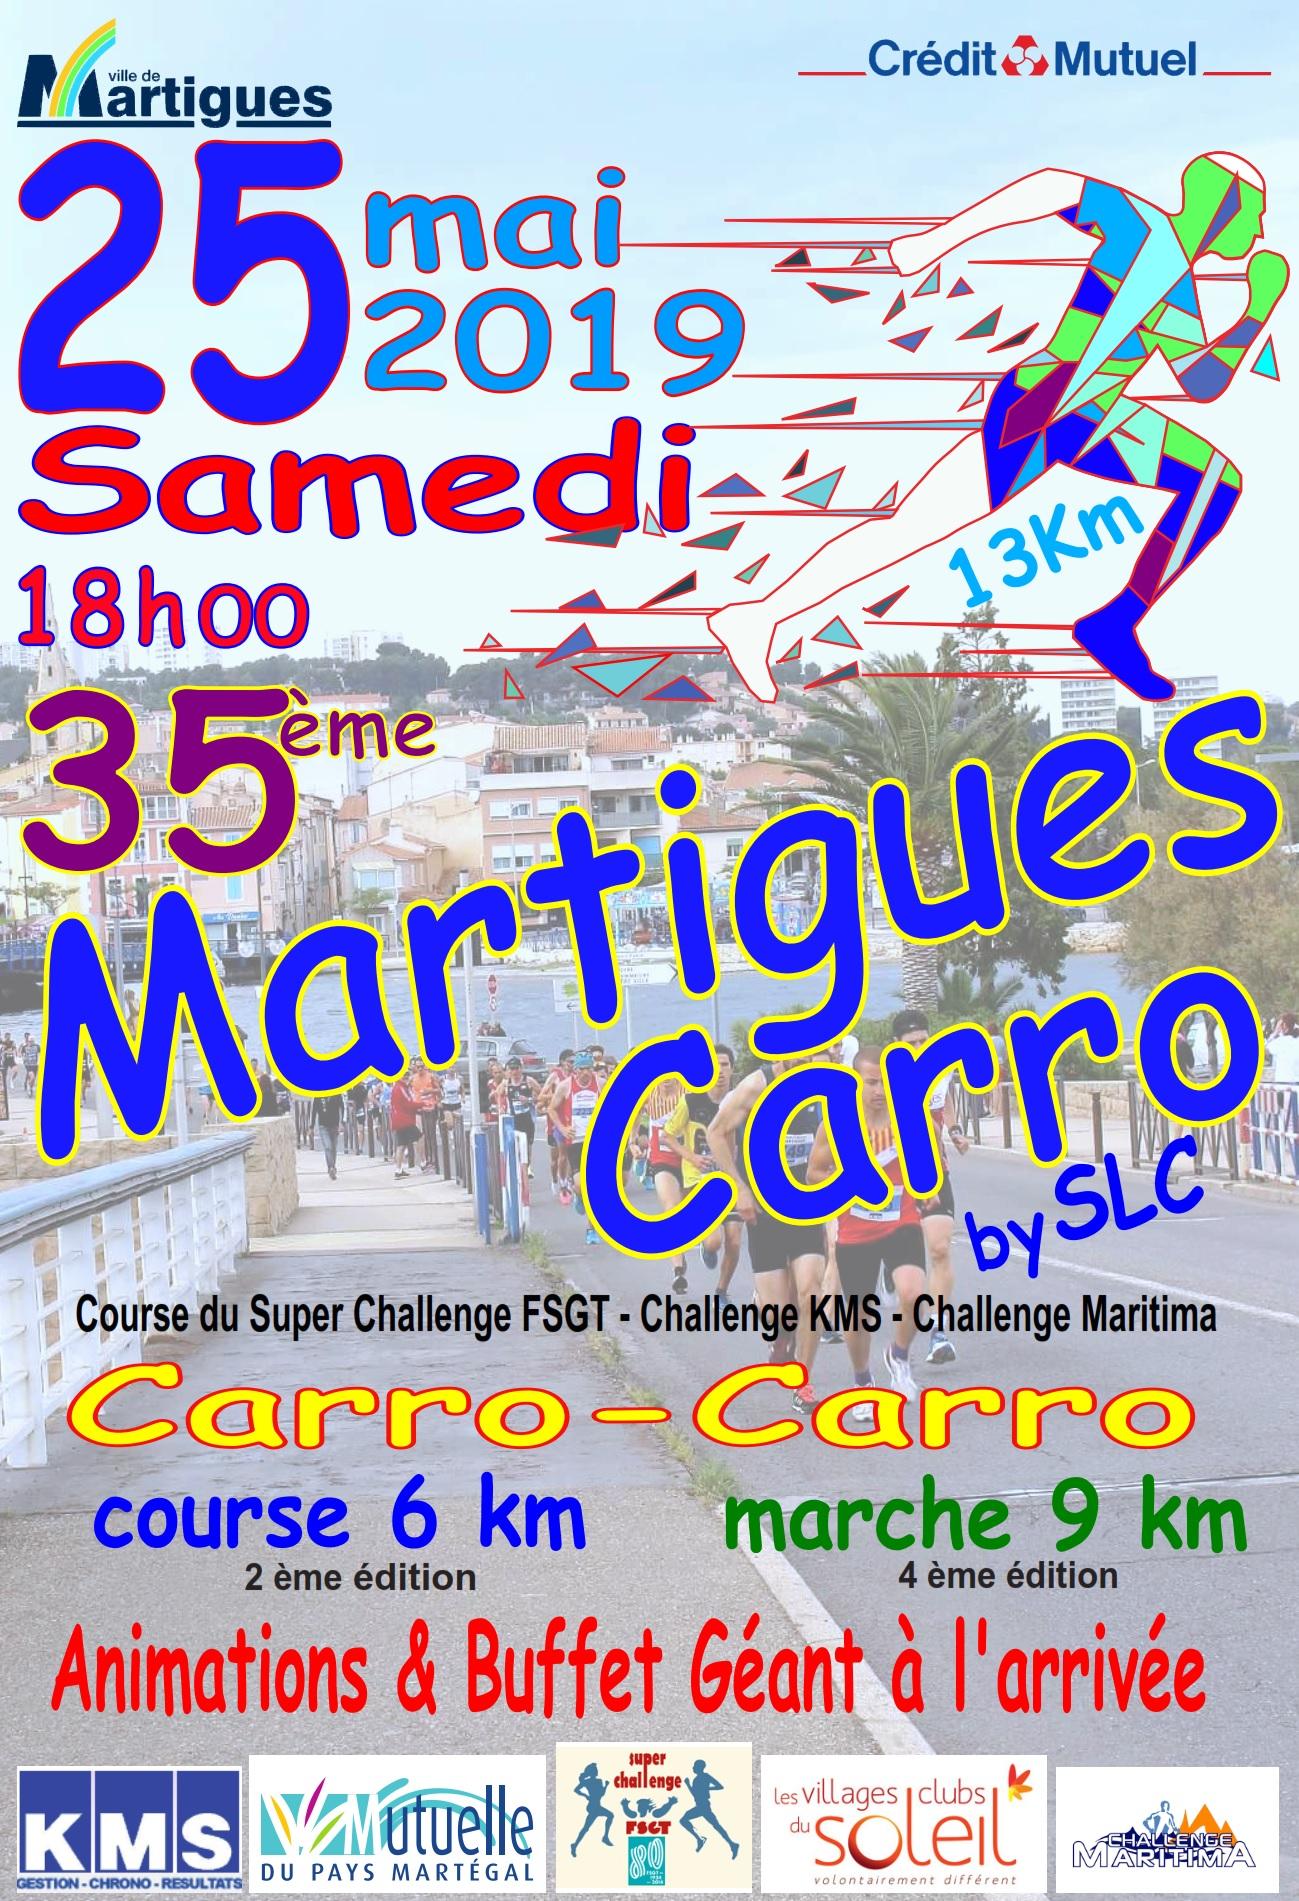 Martigues - Carro : Marche 9km